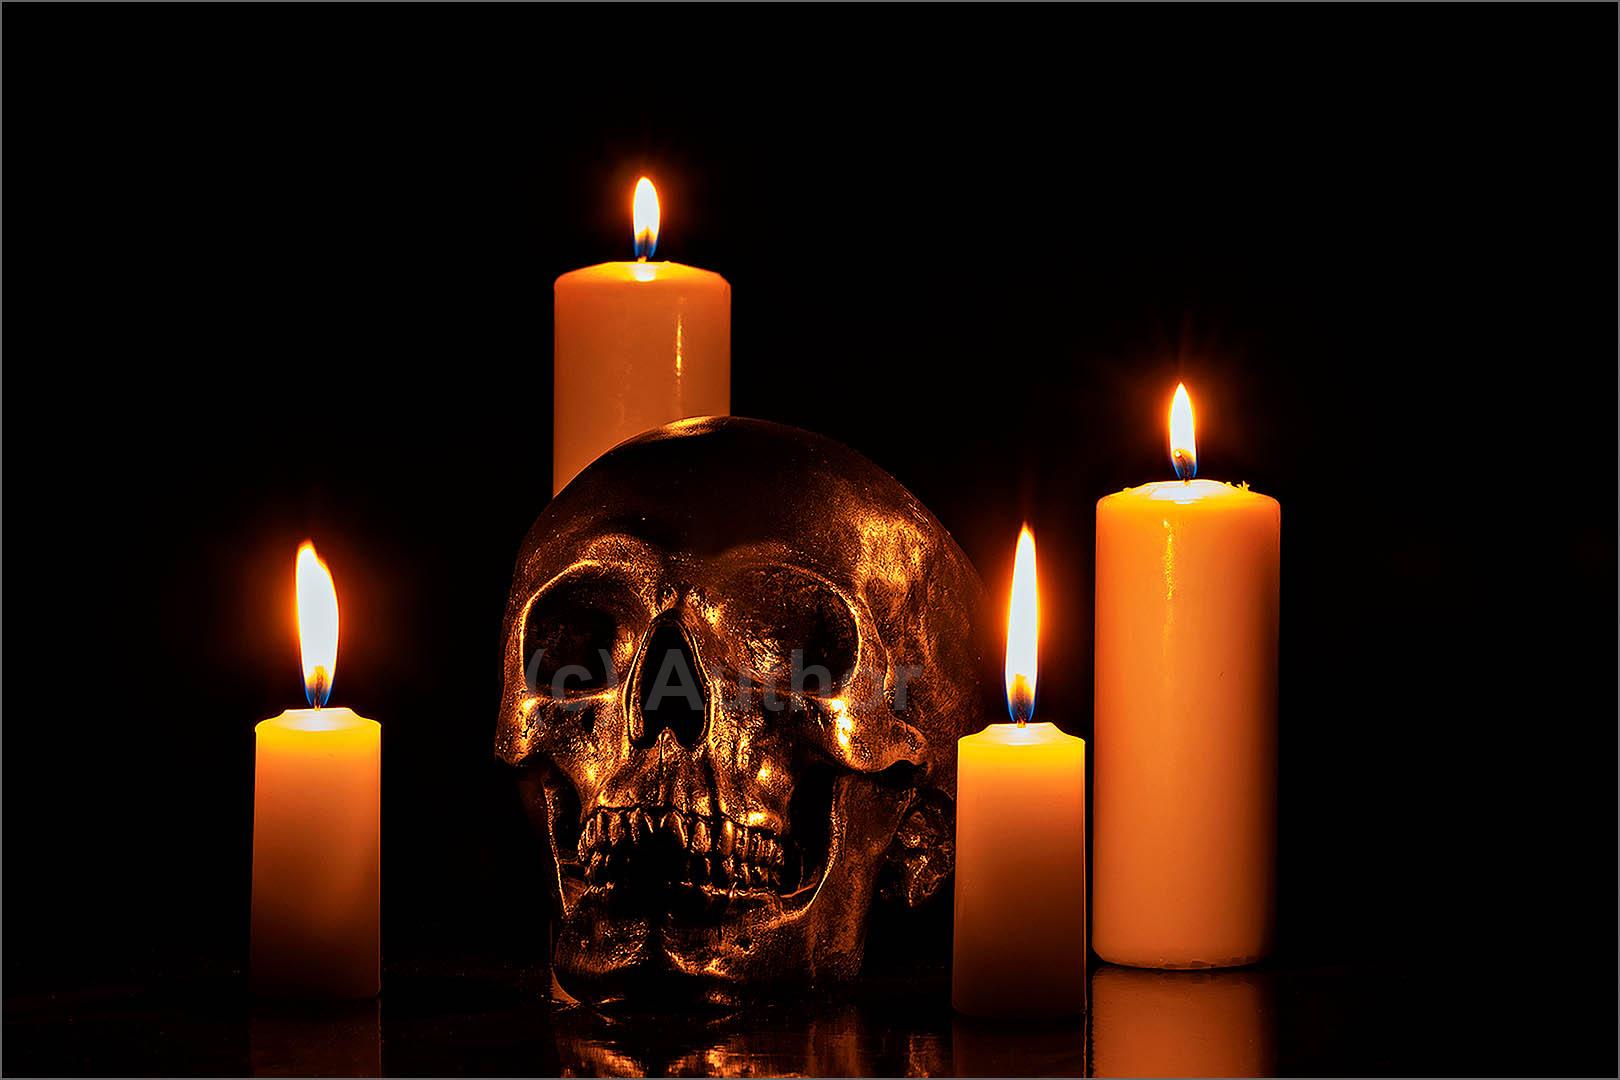 2_PI_Scary night_Tony Wilson